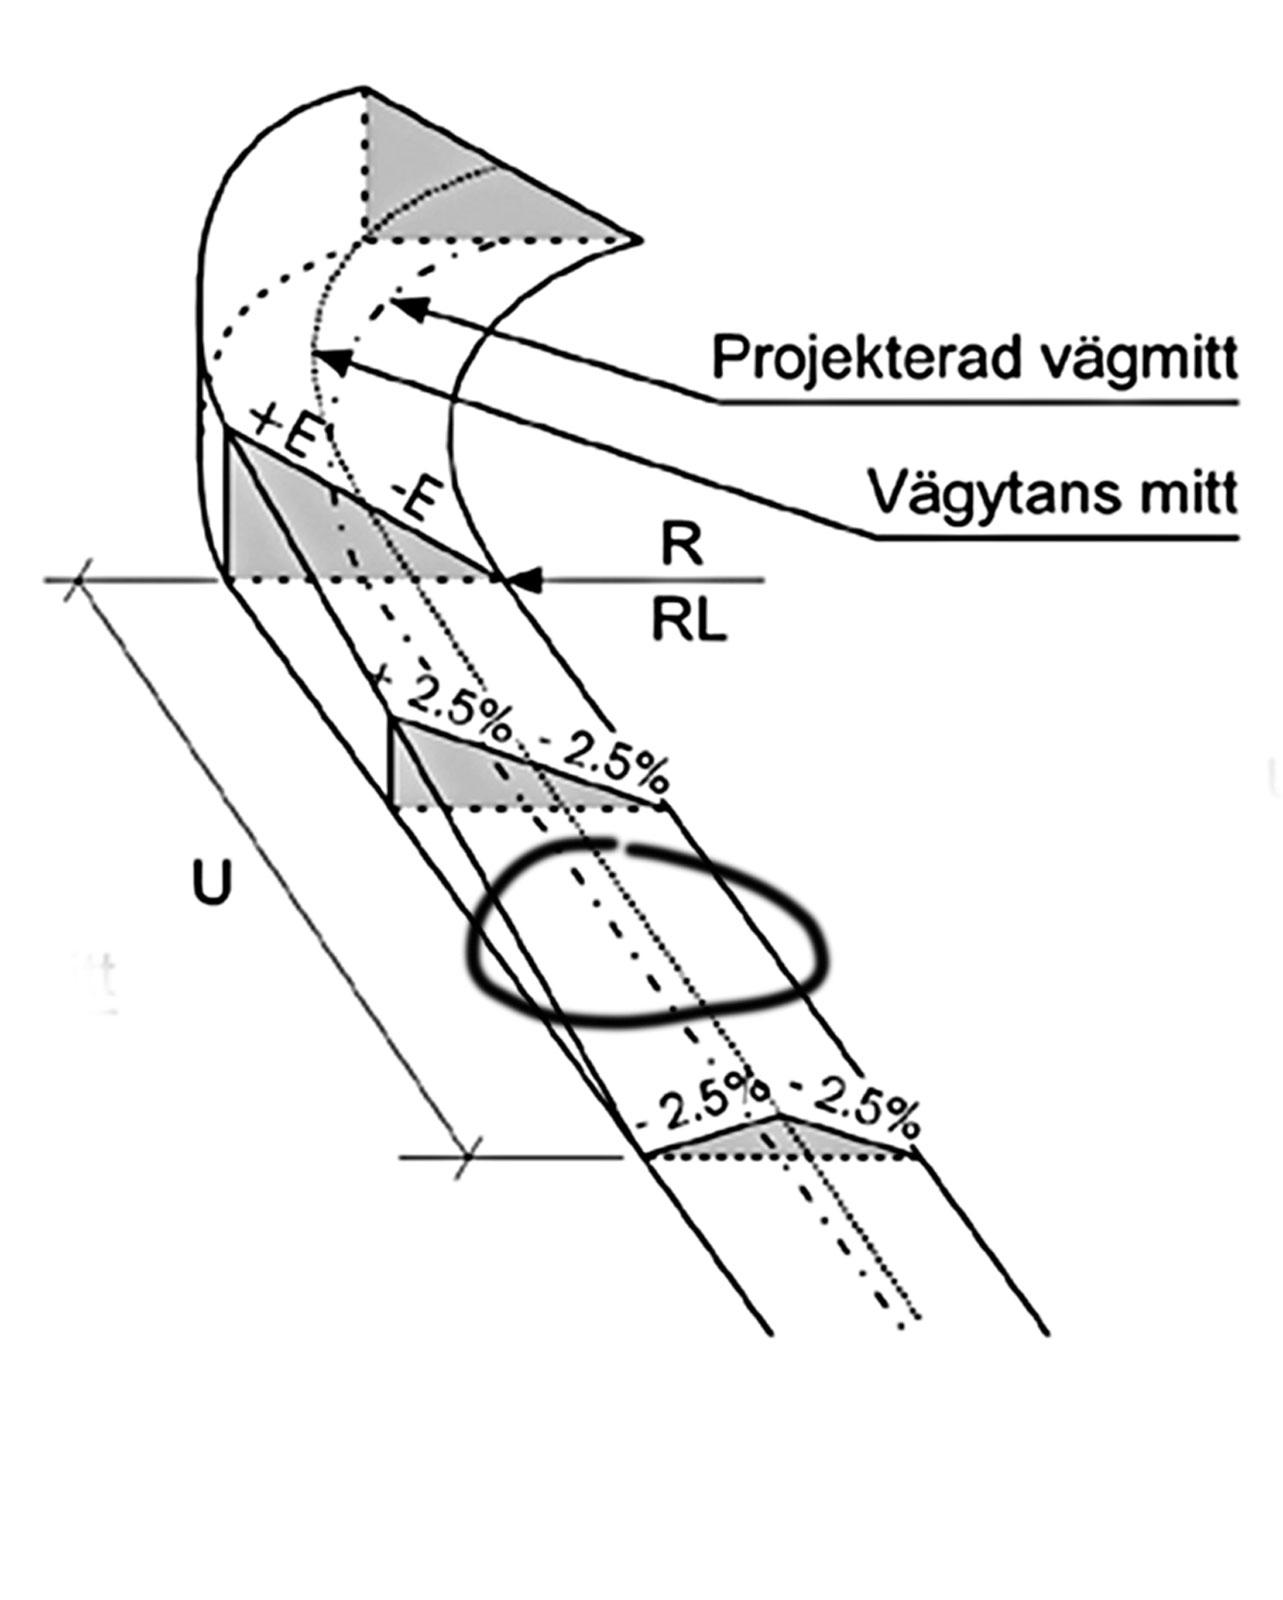 """Risk för vattenplaning. Vid övergången från """"dubbelsidigt tvärfall"""", det vill säga att vägen lutar åt båda håll för att få bra vattenavrinning, till uppbankad ytterkurva kan lutningen i sidled vara nära noll. Det kan leda till dålig avrinning på några tiotals meter väg och därmed höjd risk för vattenplaning och fläckvis halka. Johan Granlund menar att det borde finnas ett krav på att övergången ska placeras på ett vägavsnitt som lutar tillräckligt i längsled. Ett sådant krav finns för motorväg men inte för andra vägtyper."""